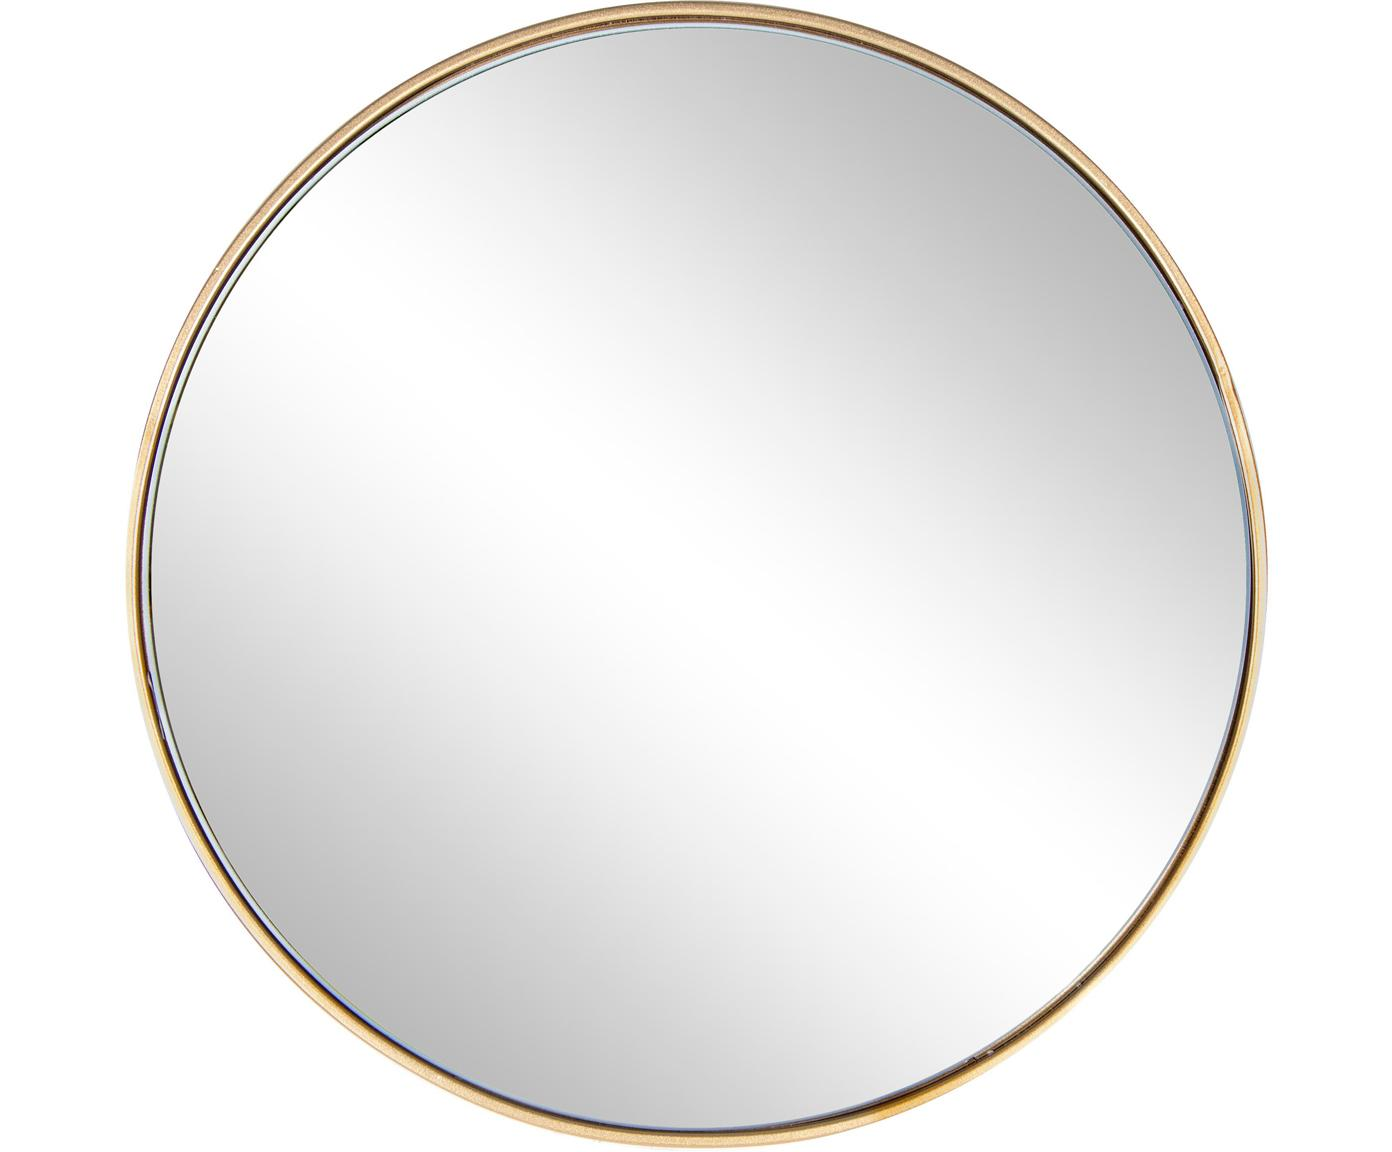 Specchio rotondo da parete con cornice dorata Nucleos, Cornice: metallo rivestito, Superficie dello specchio: lastra di vetro, Ottonato, Ø 40 cm